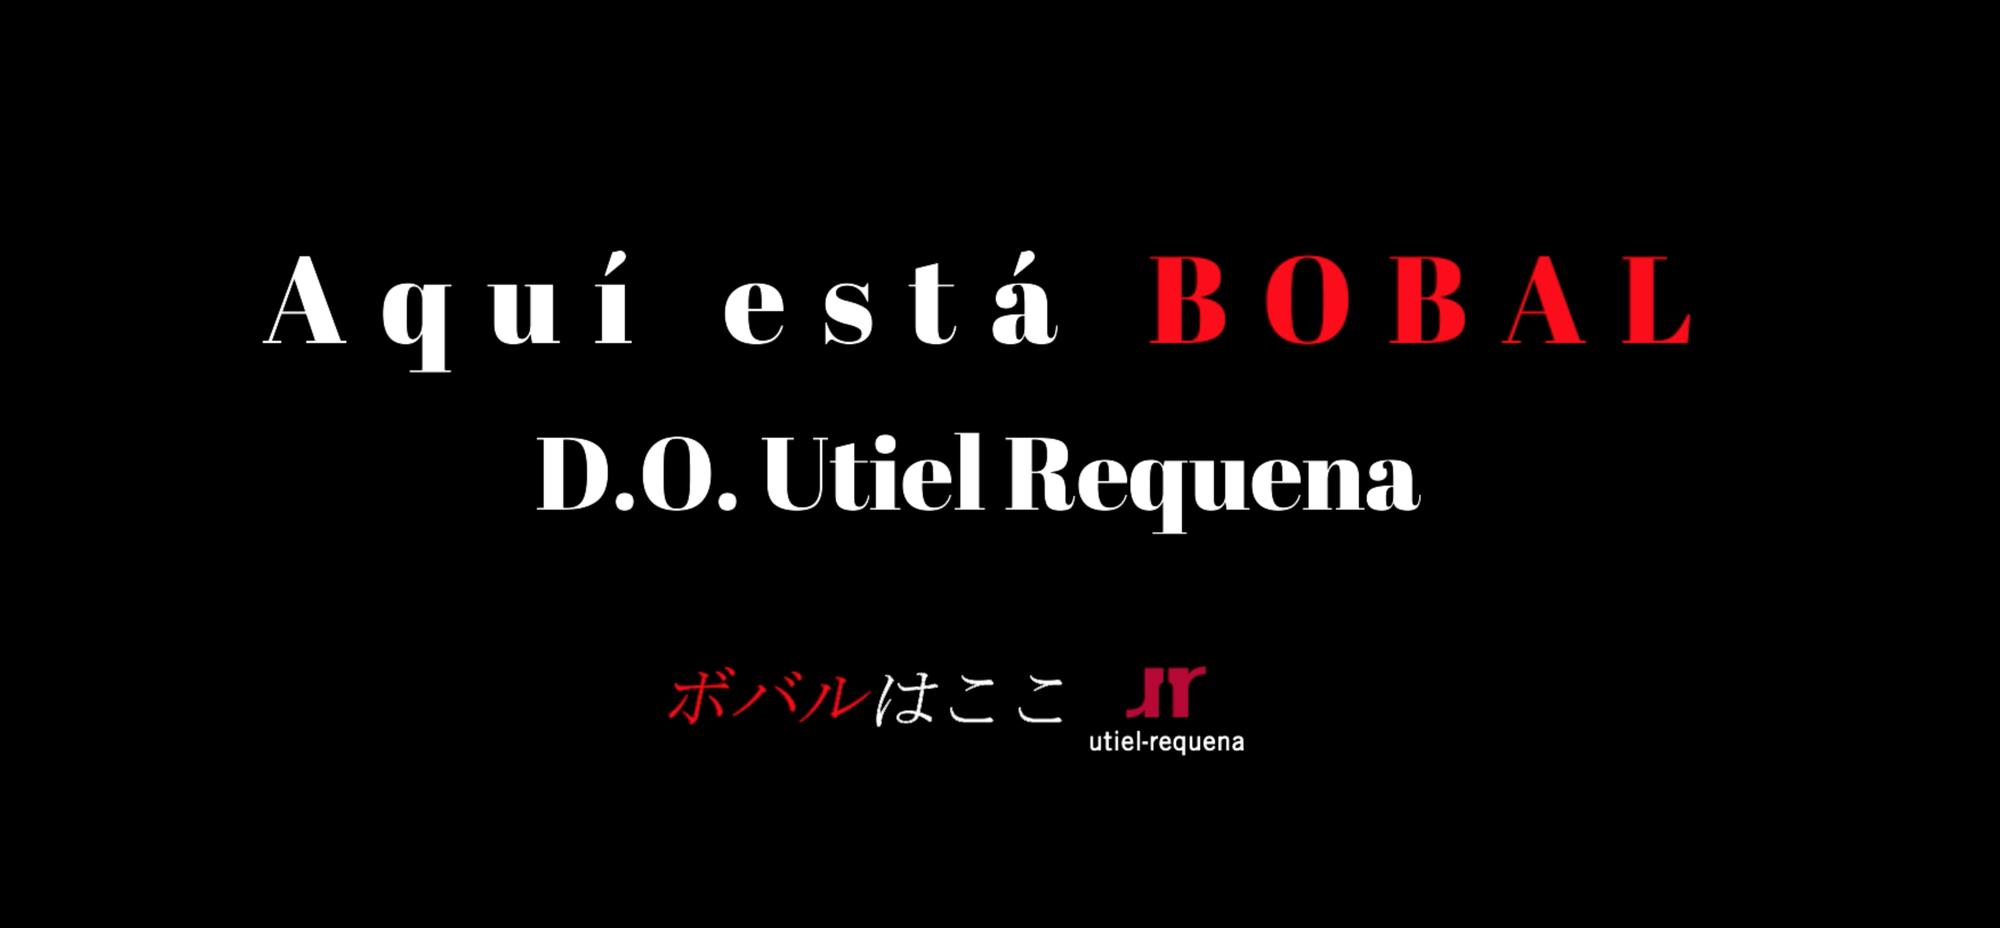 ¡Aquí está BOBAL! 「ボバルはここ!」